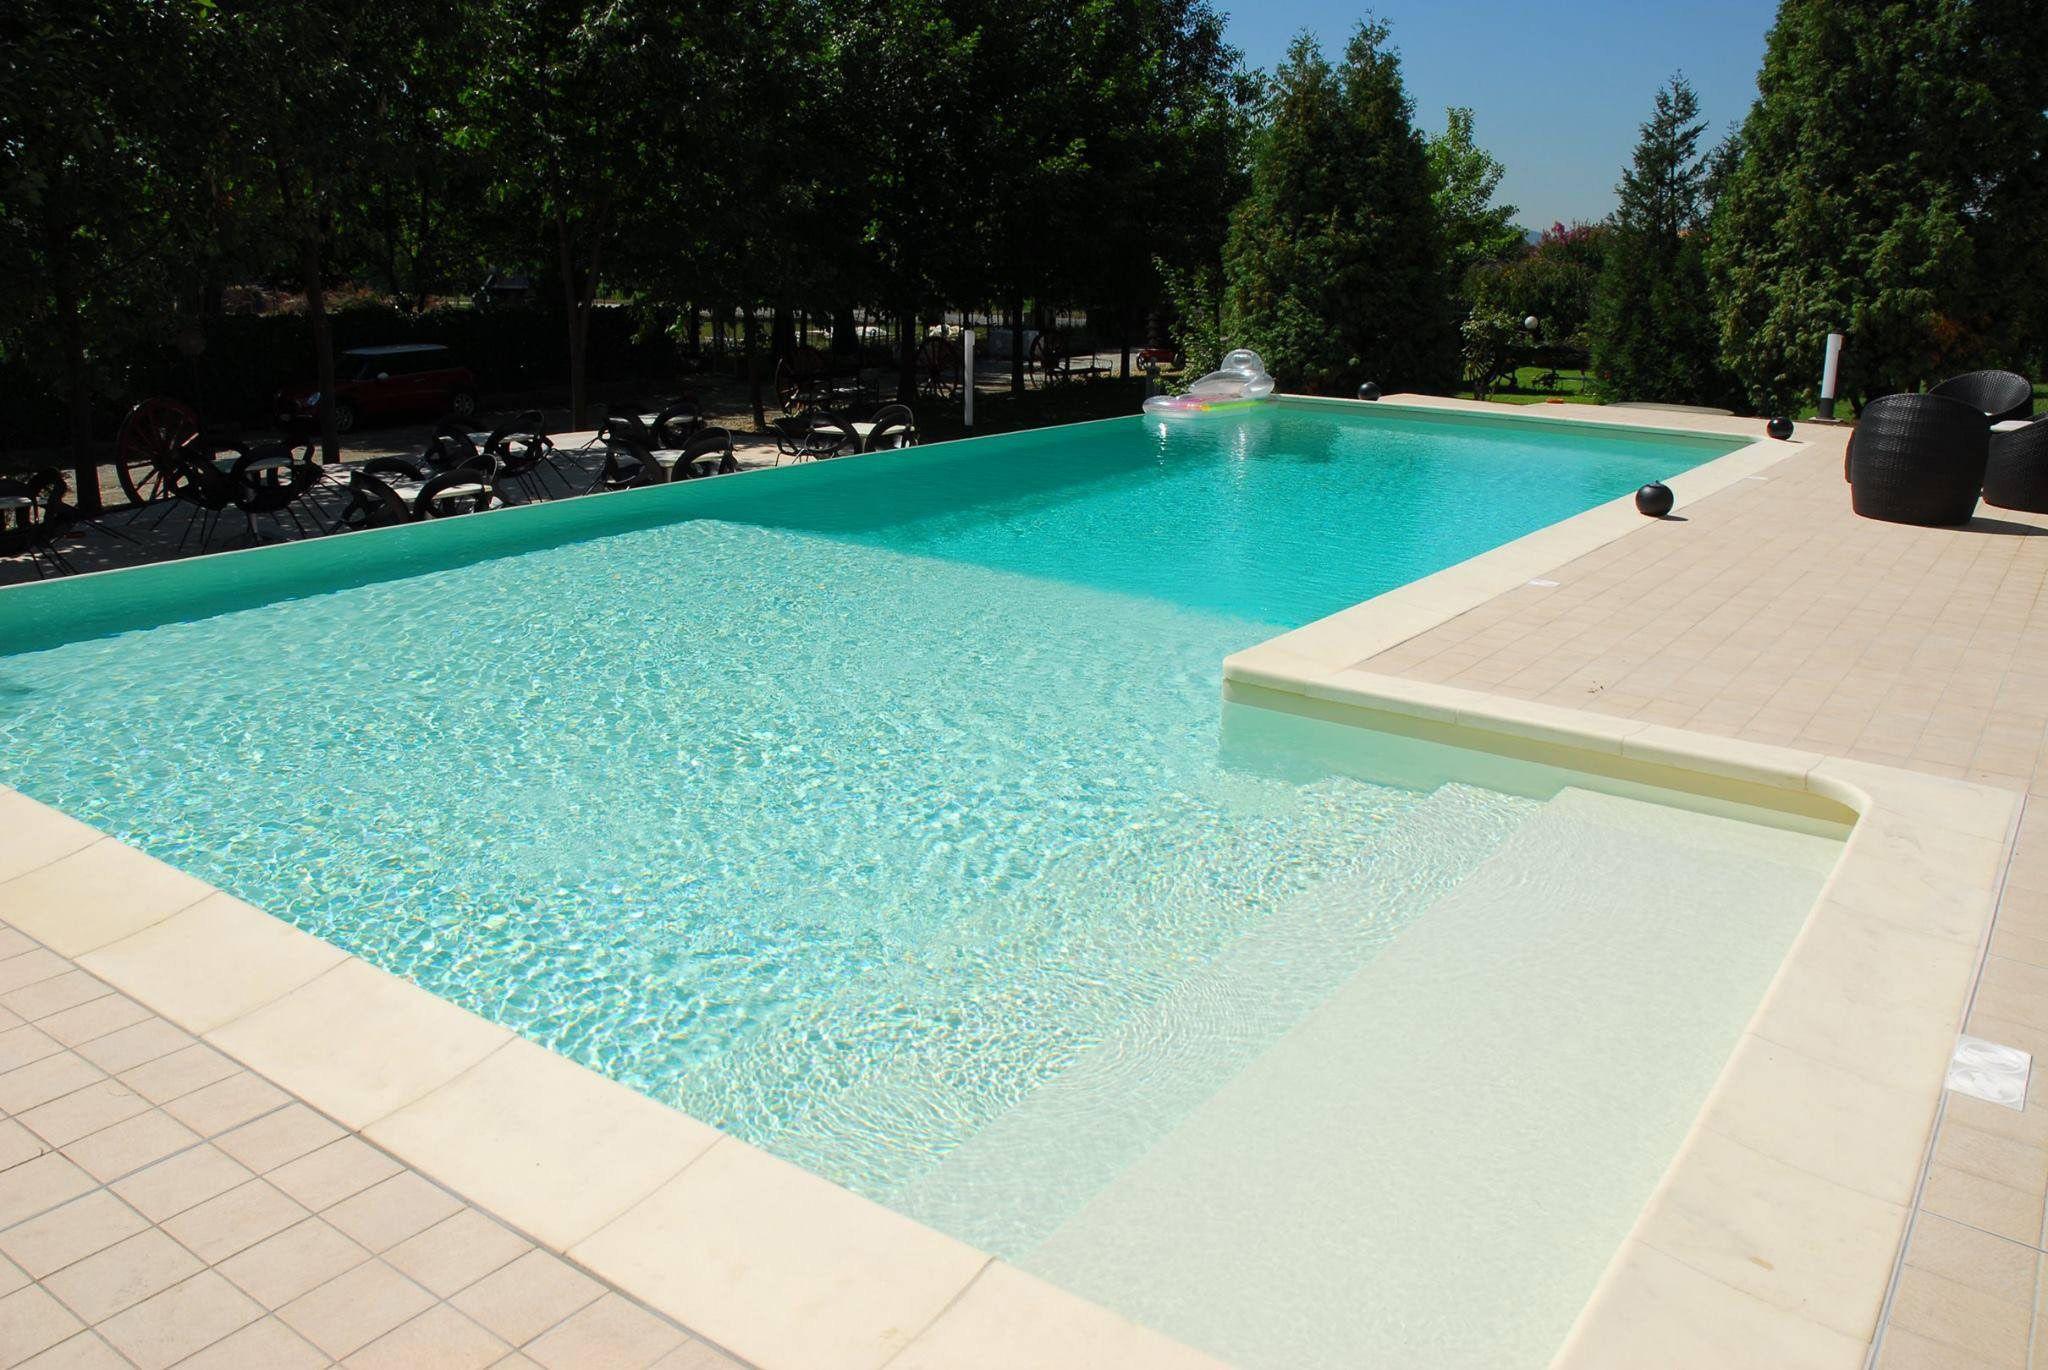 Agualinda piscine realizzazione piscine termiche for Piscine 02